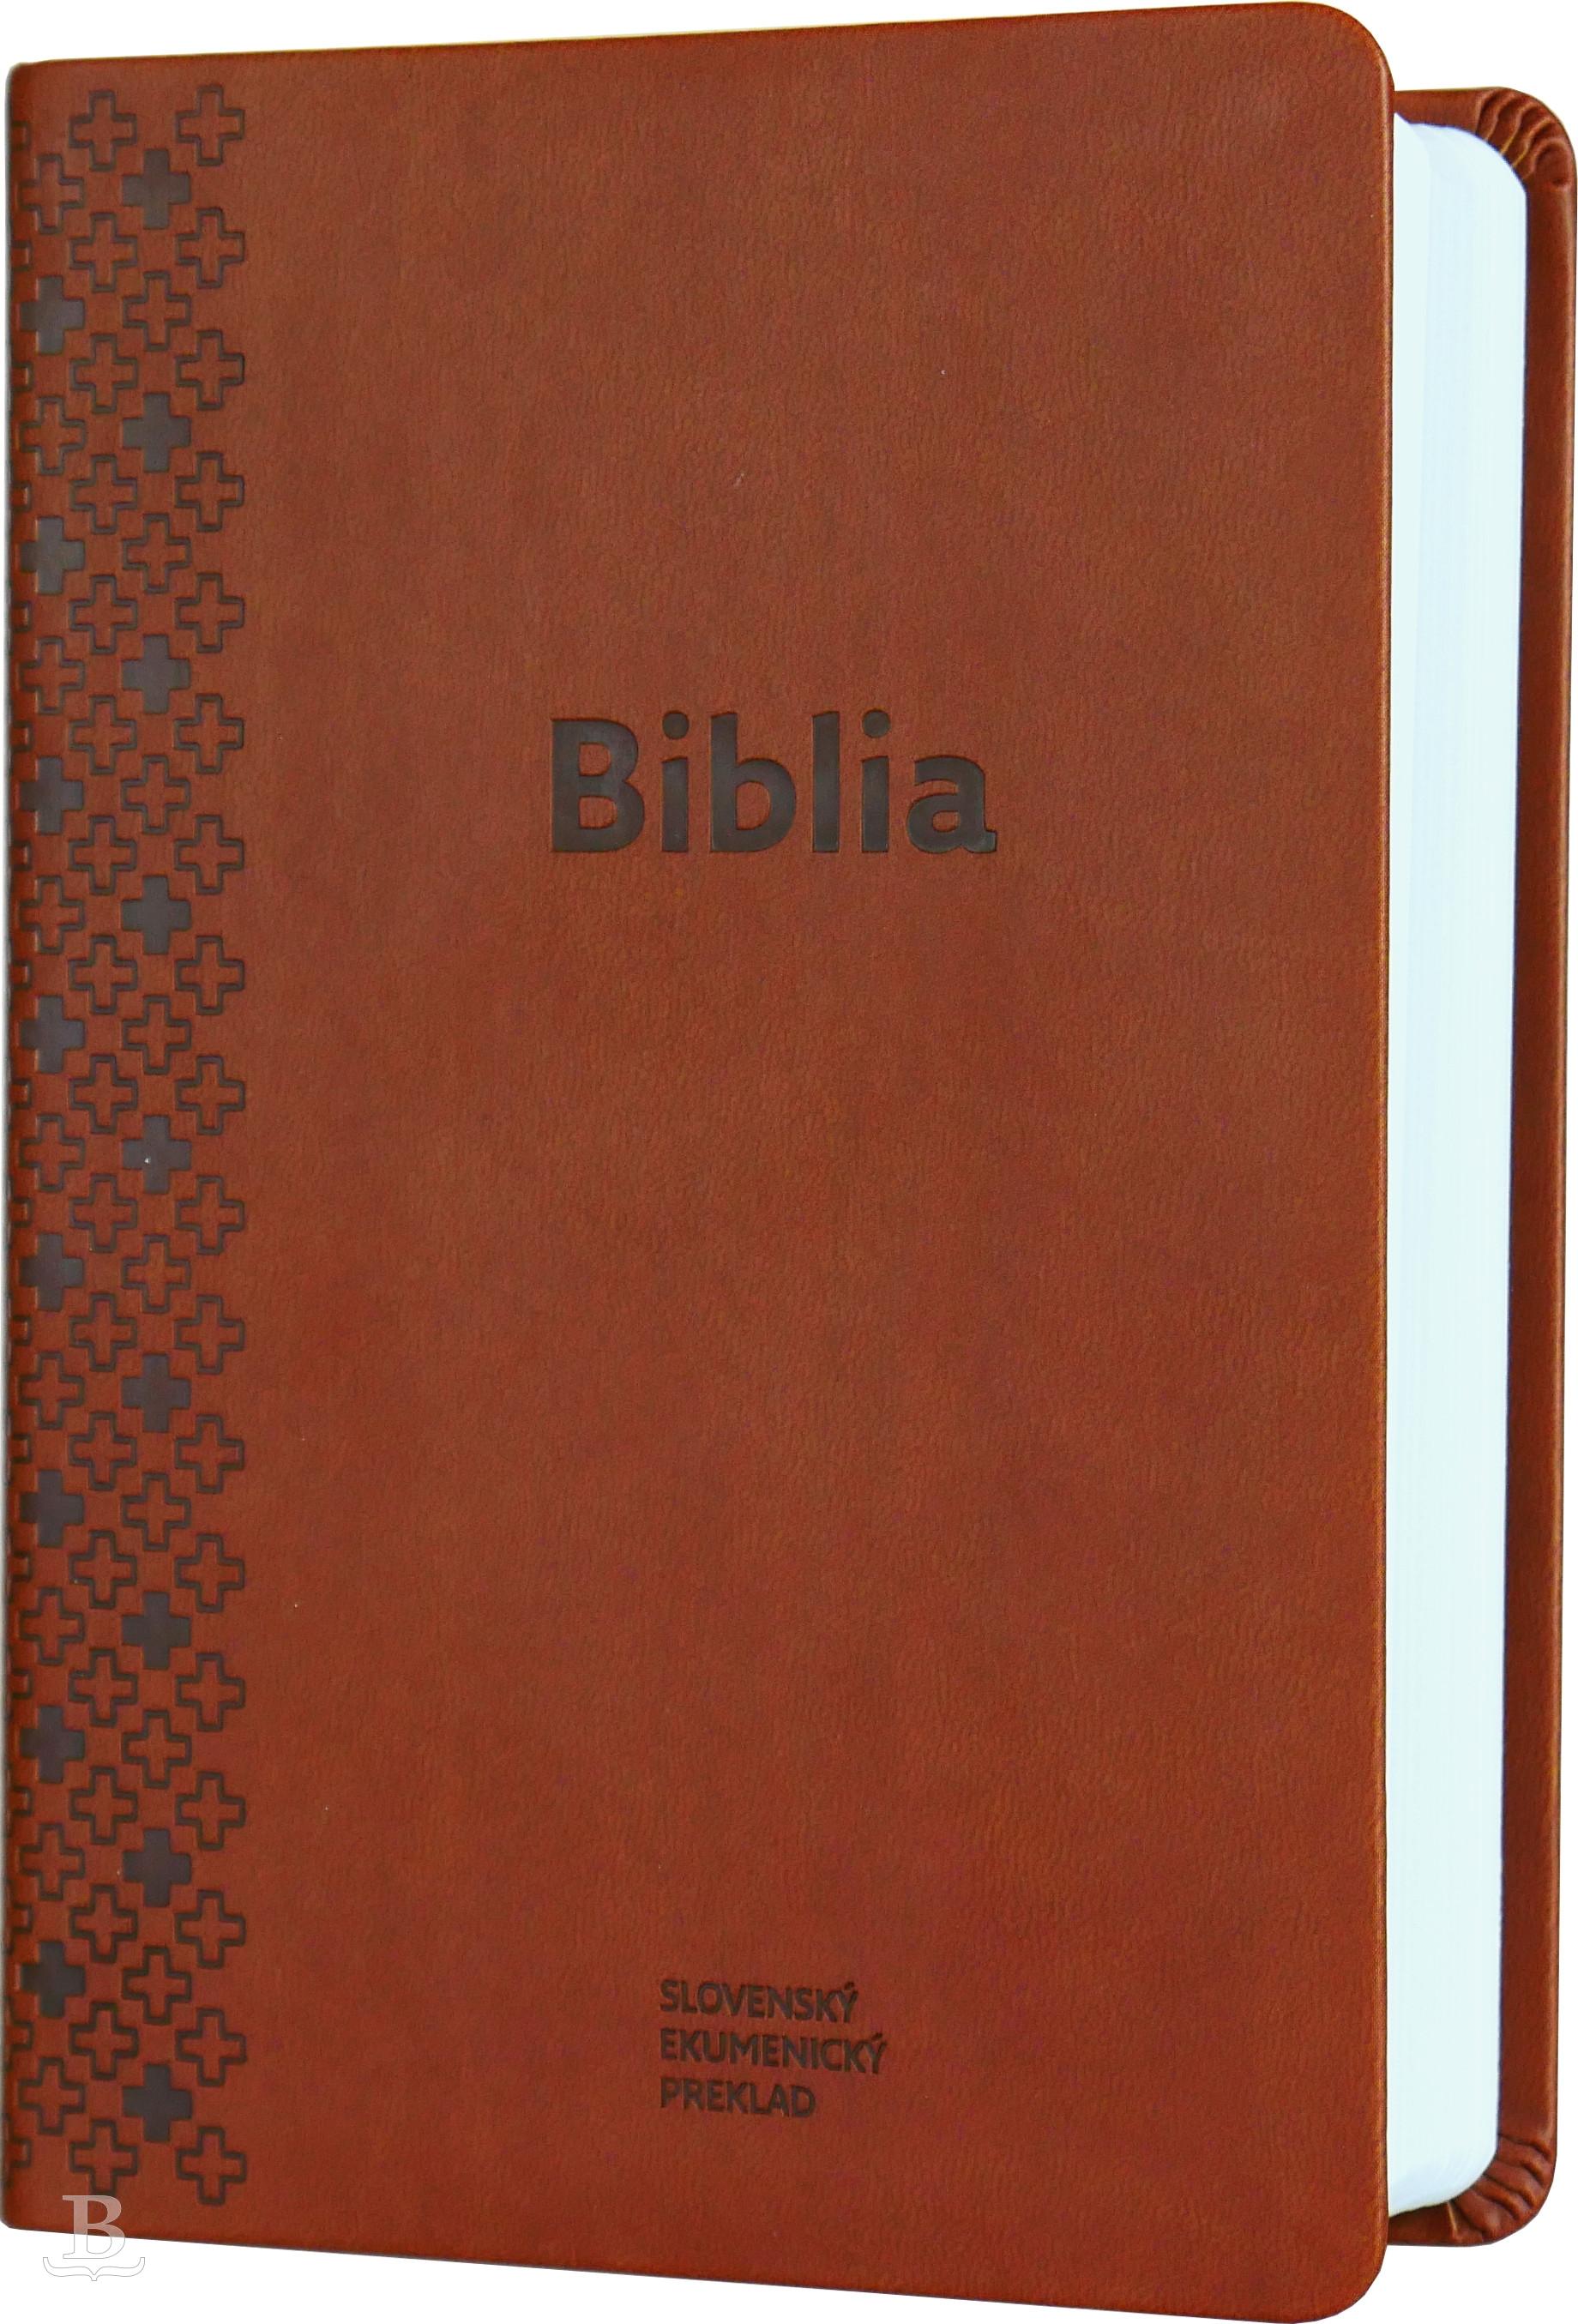 Biblia slovenská, ekumenický preklad, štandardný formát, 2018